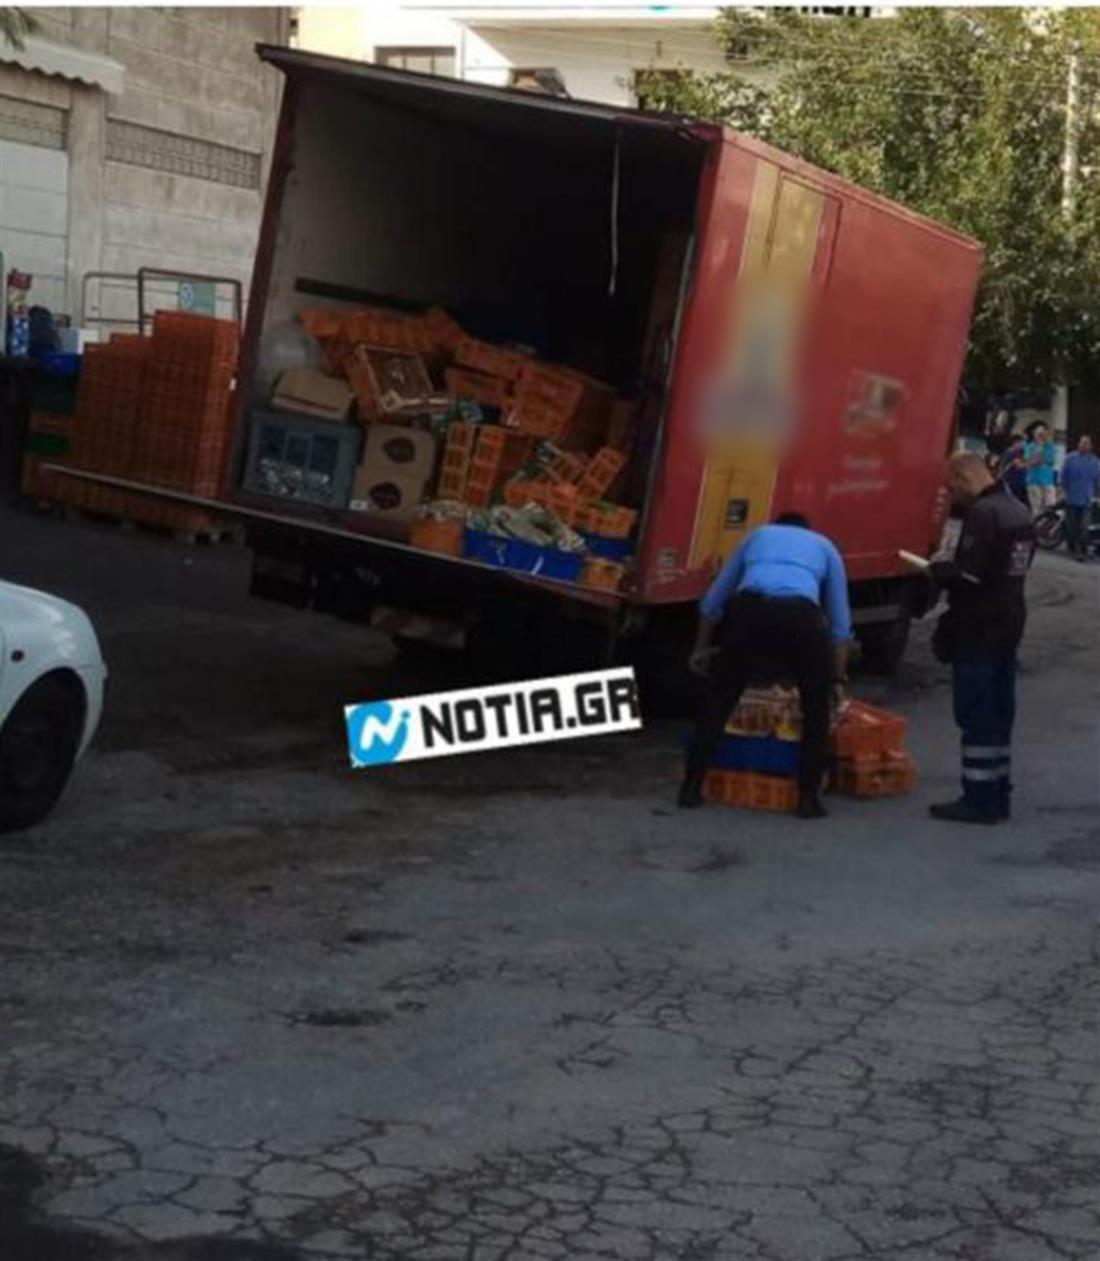 Aτύχημα - σούπερ μάρκετ - Ηλιούπολη